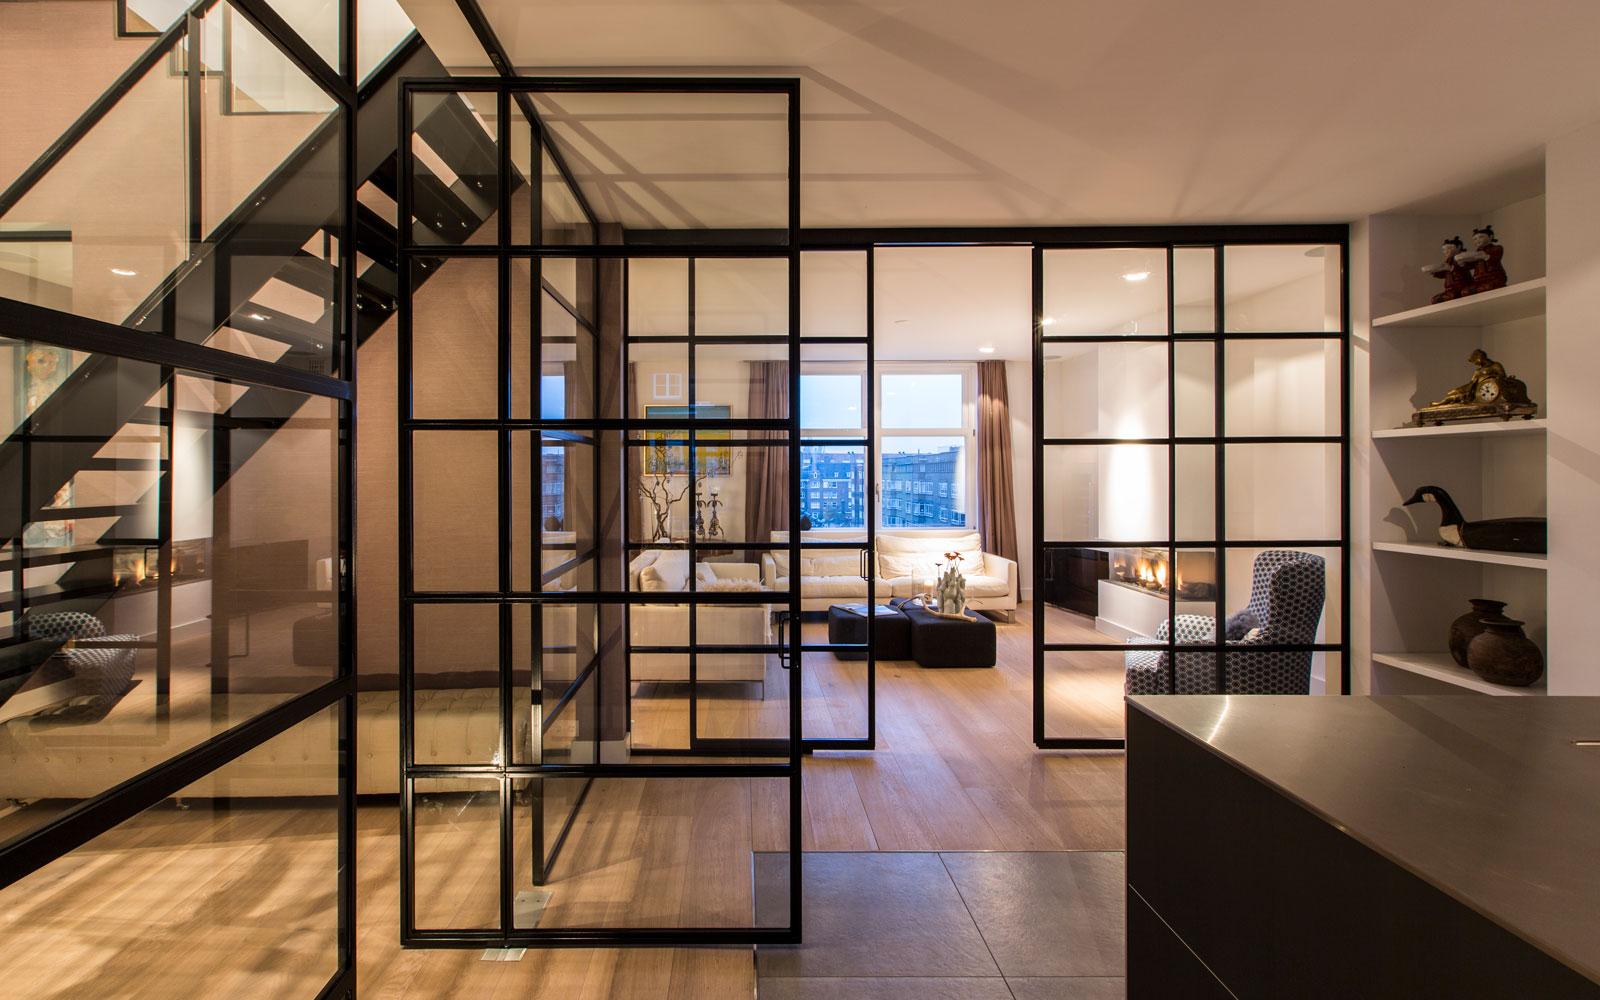 Houten vloer, stalen deuren, Simply Steel, stalen trap, ruimtelijk, verrassende renovatie, Denoldervleugels